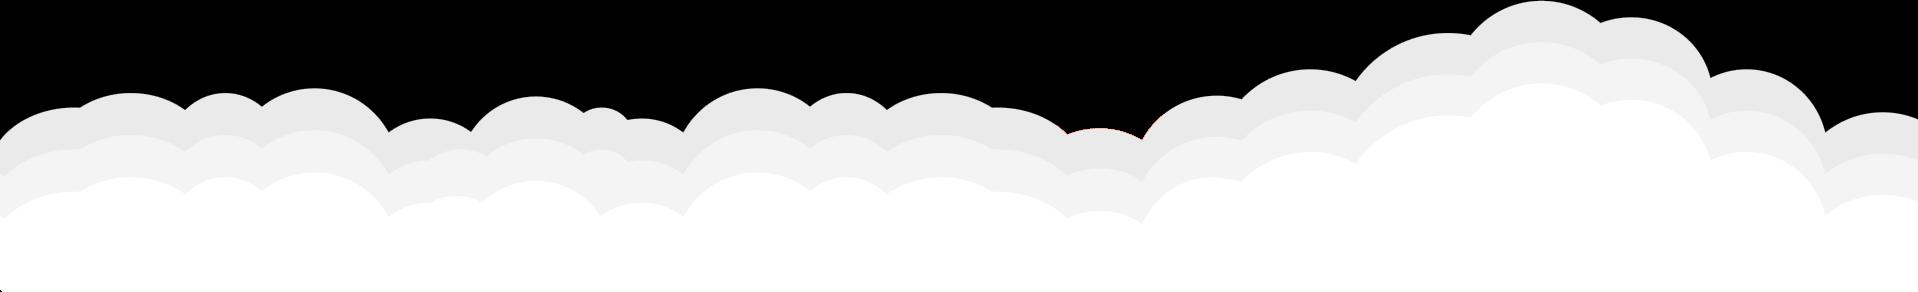 TeslaWatt Clouds